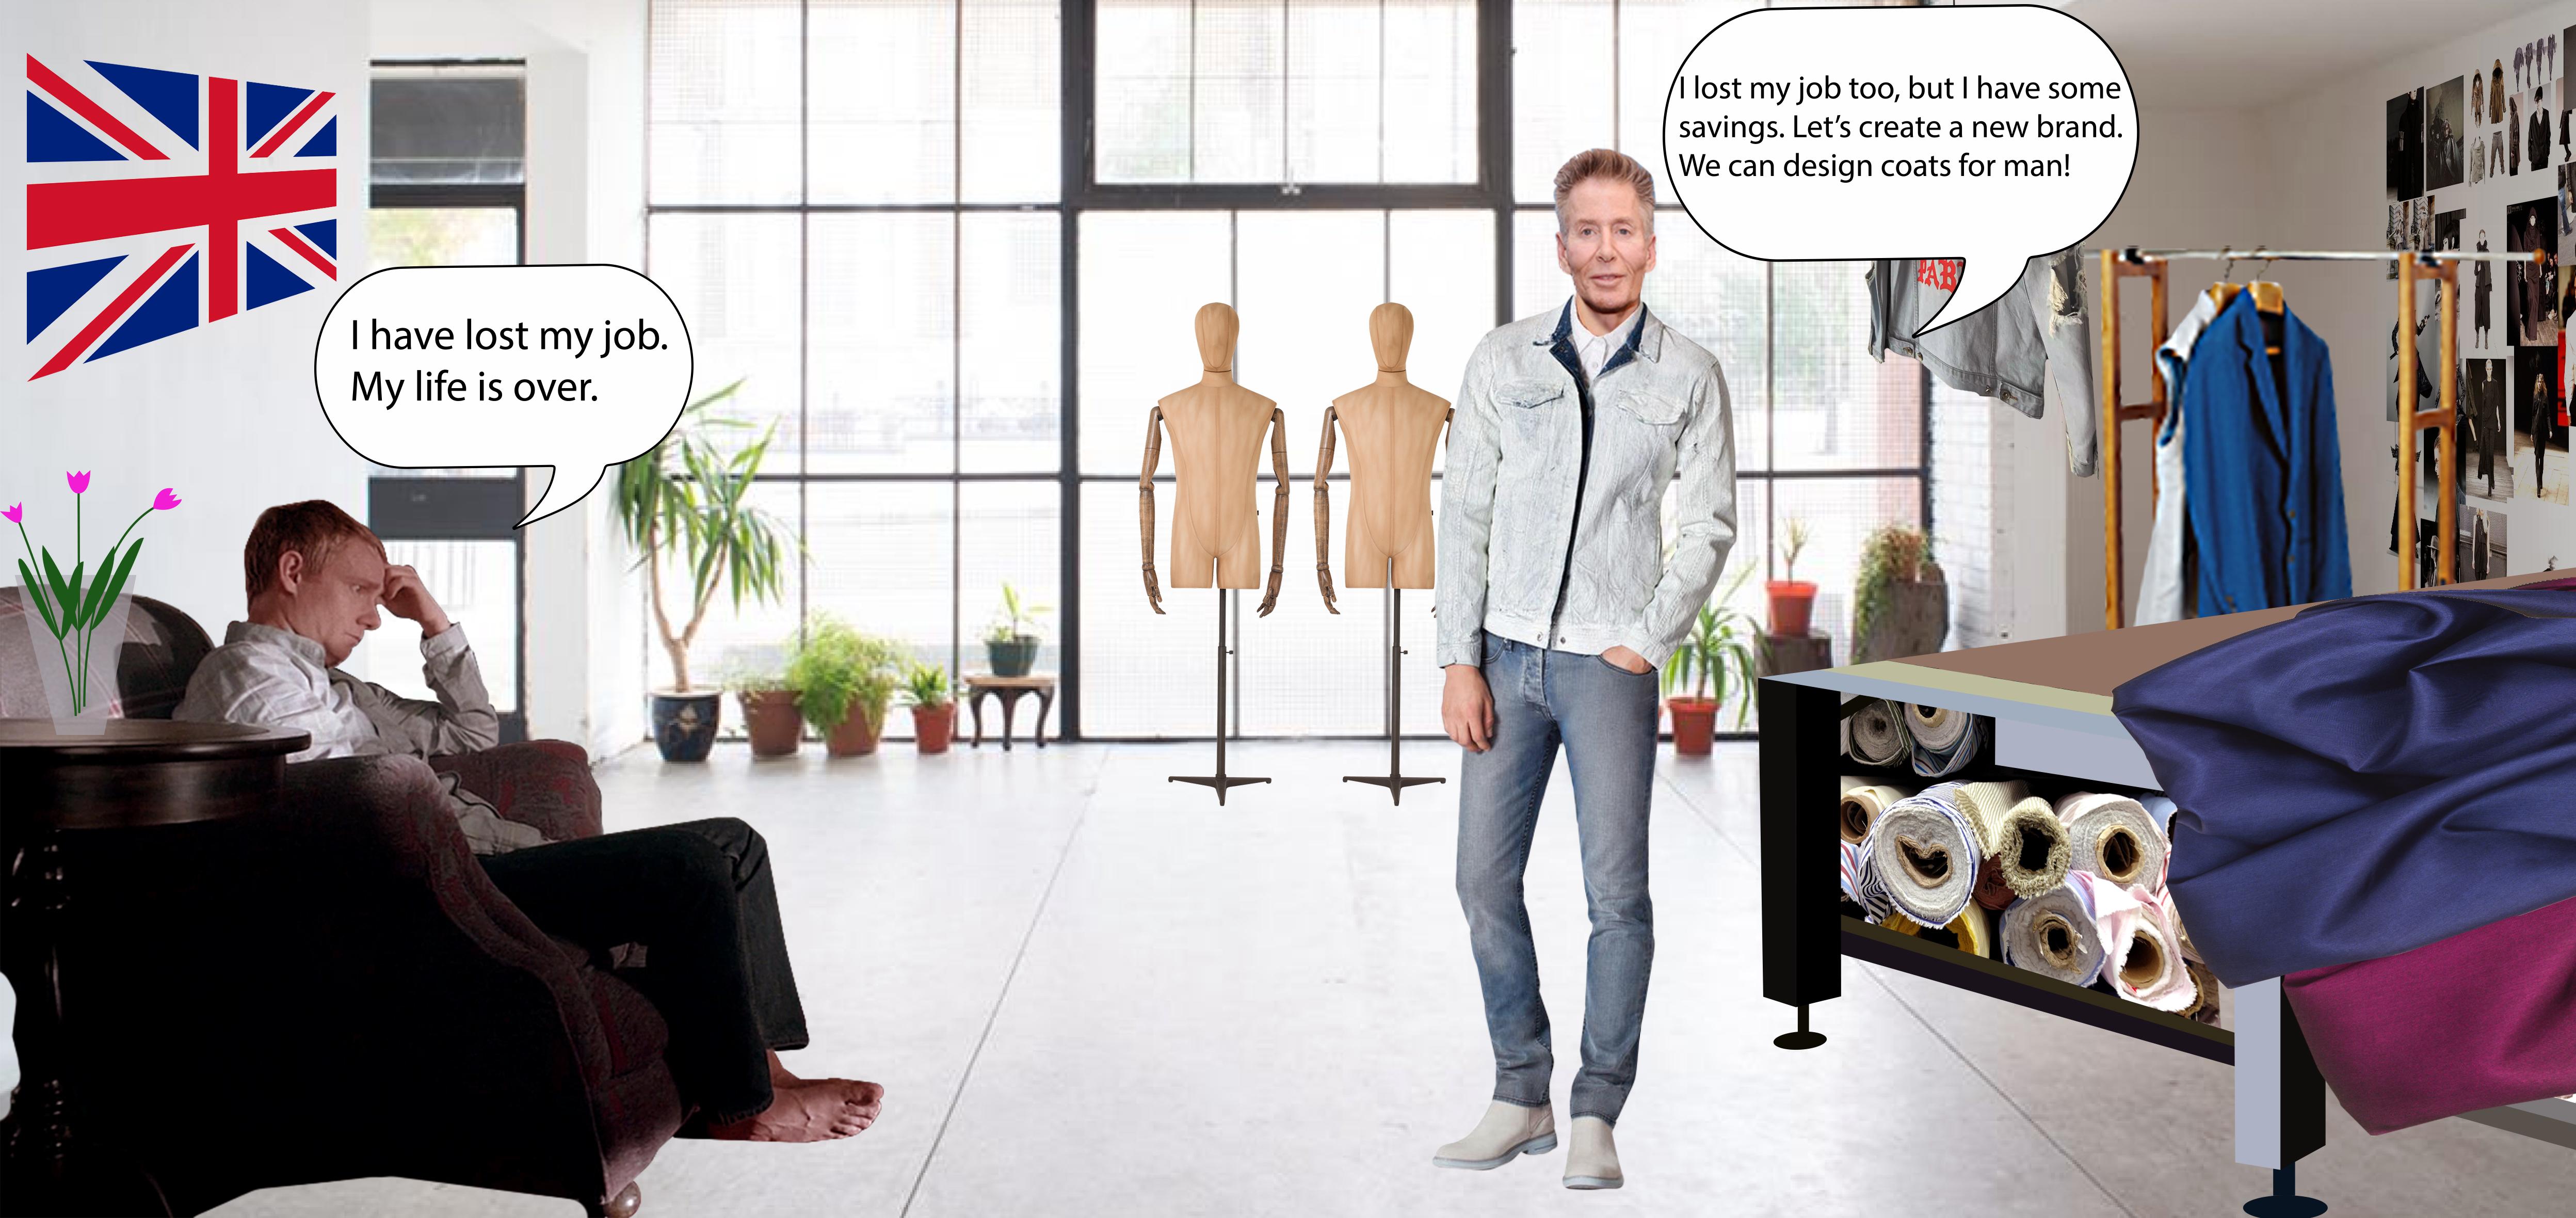 Справа: Кельвин Кляйн - дизайнер и создатель успешного бренда одежды и аксессуаров Calvin Klein. Работал в разных модных домах Нью-Йорка, а в 1968 году создал свой бренд по пошиву верхней одежды для мужчин.